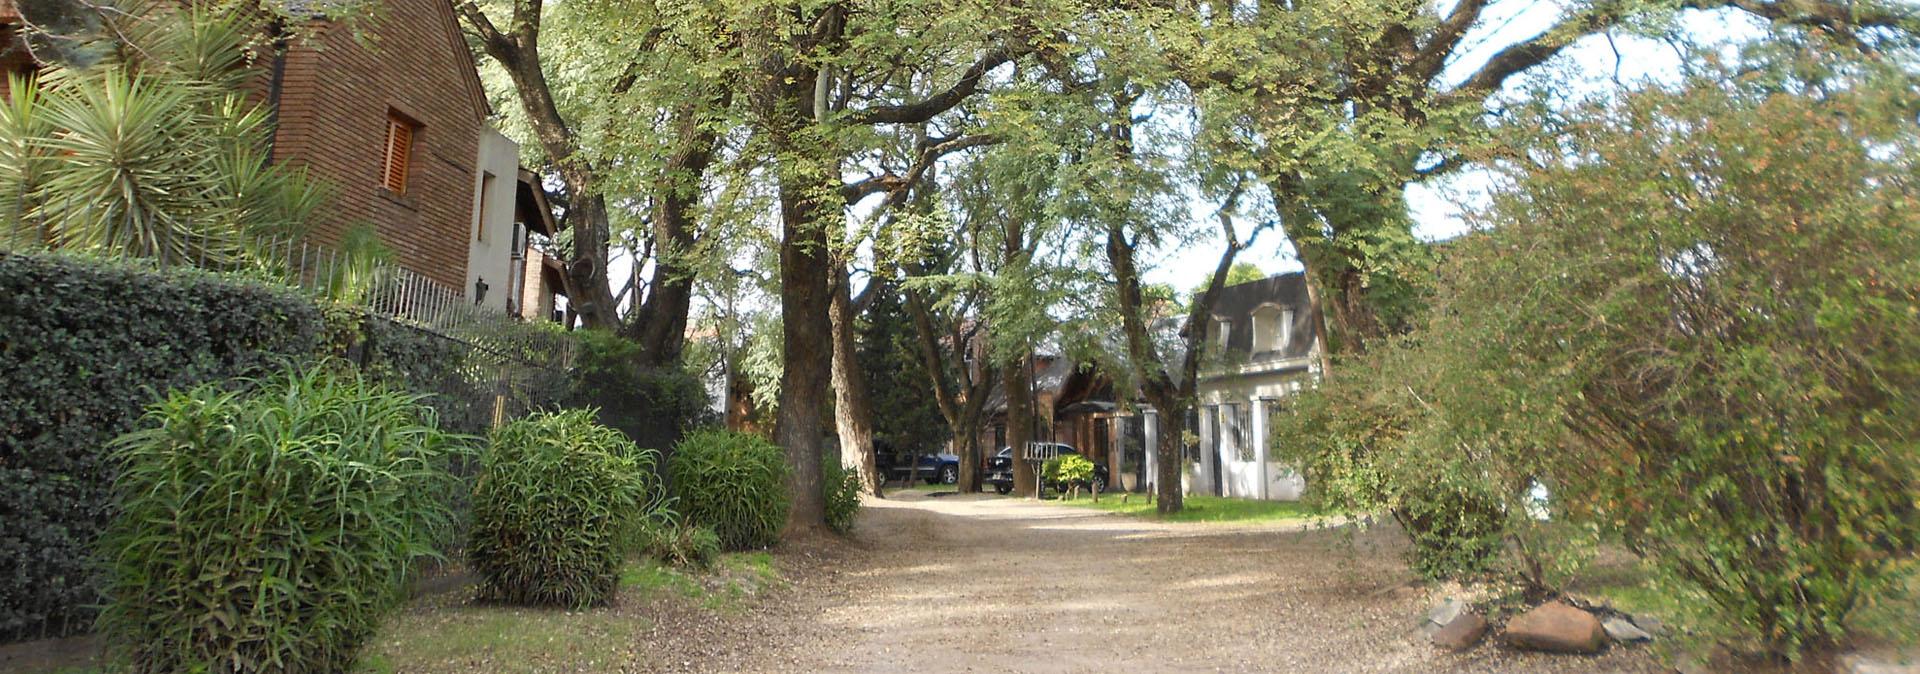 Roldan propiedades inmobiliaria en el palomar for Boulevard inmobiliaria ciudad jardin